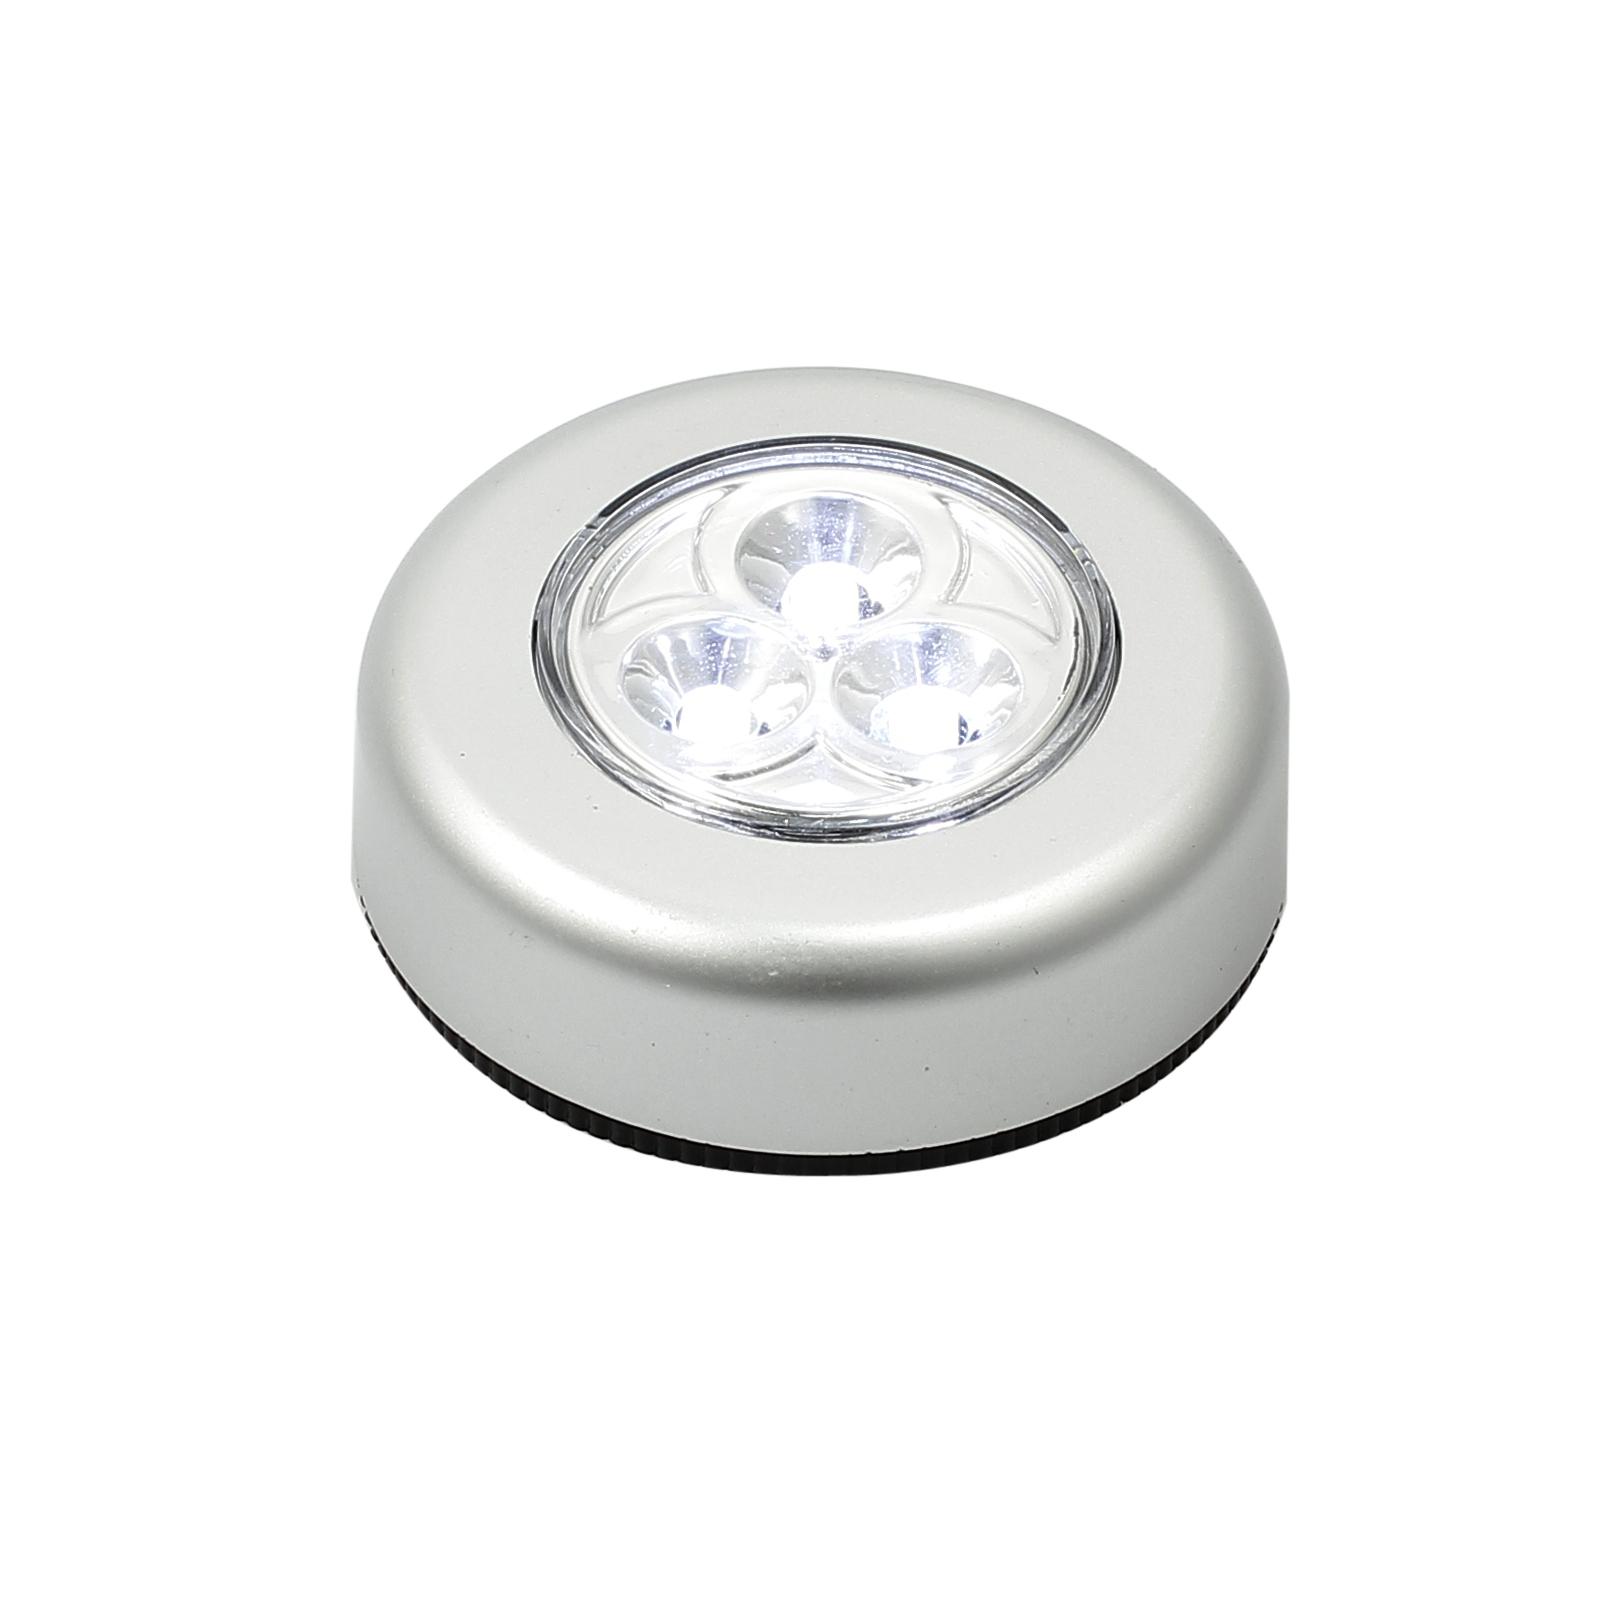 10er Touch LED Unterbauleuchte Batteriebetrieb Lampe Fr Unterbau Schrank  Leuchte